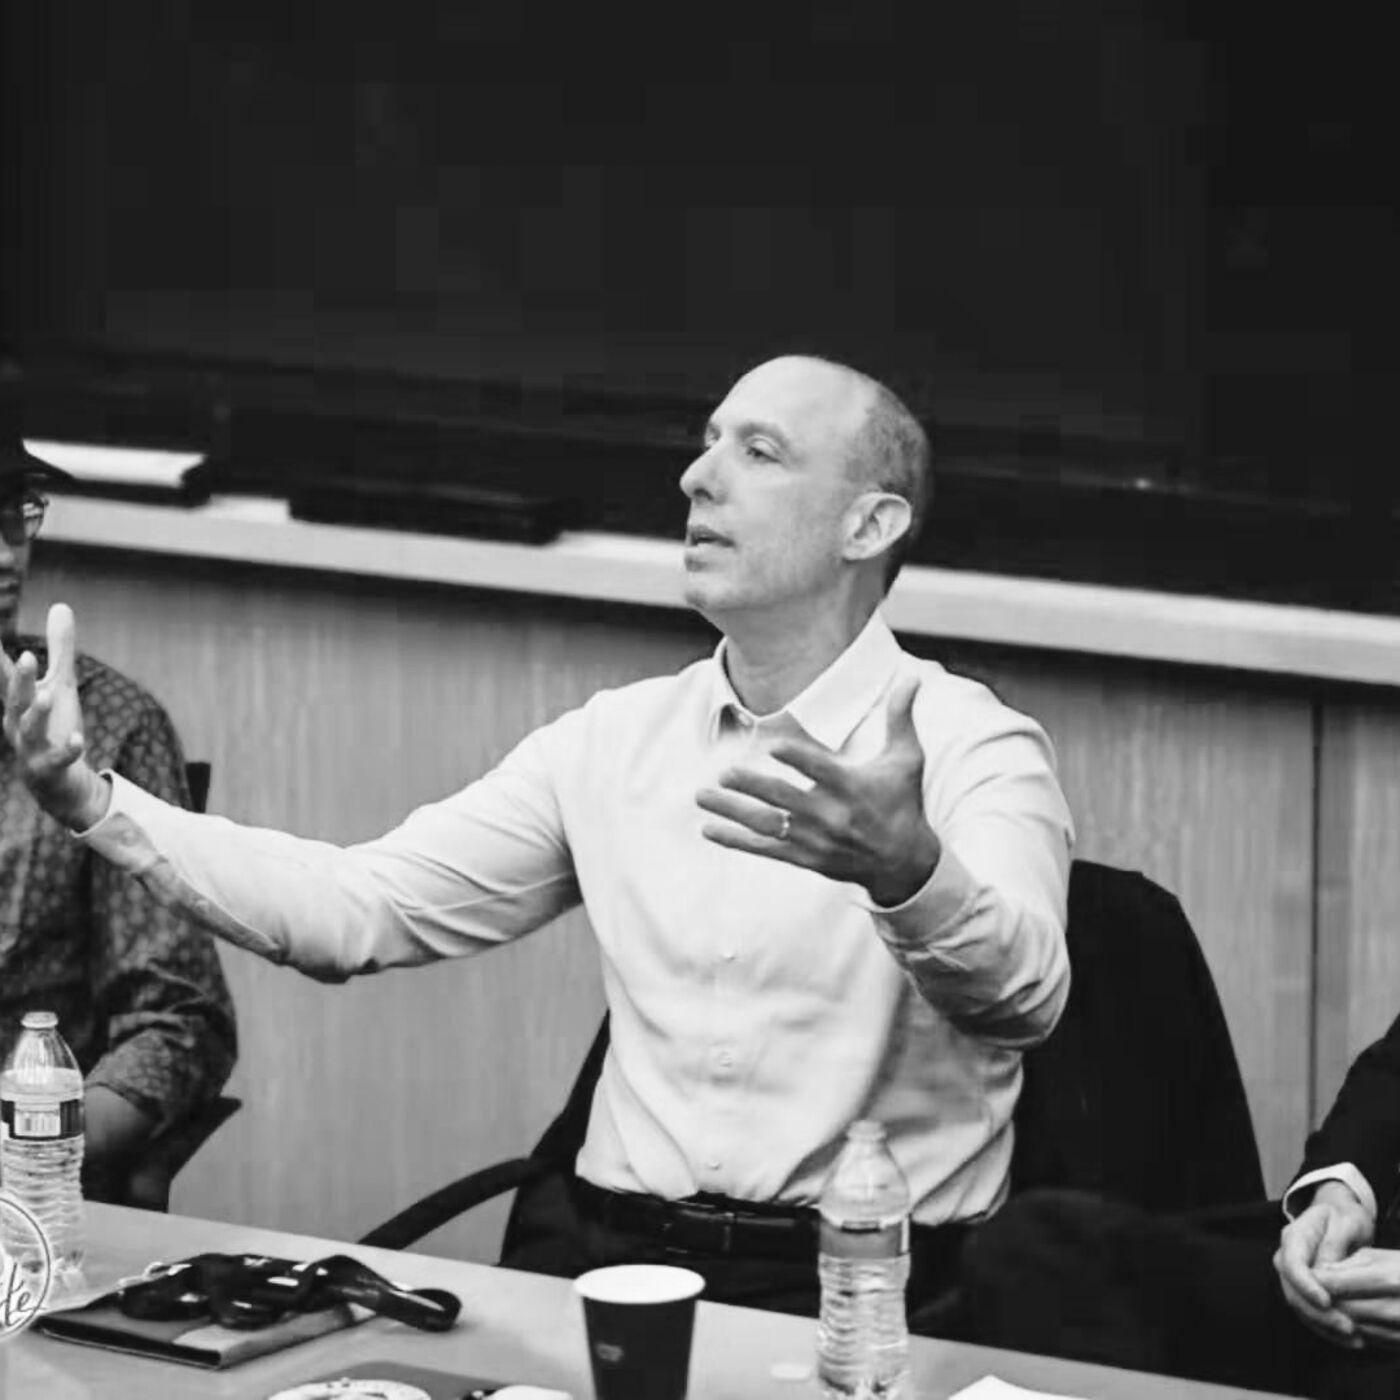 Richard Robinson, Beijing based Bostonian entrepreneur and professor